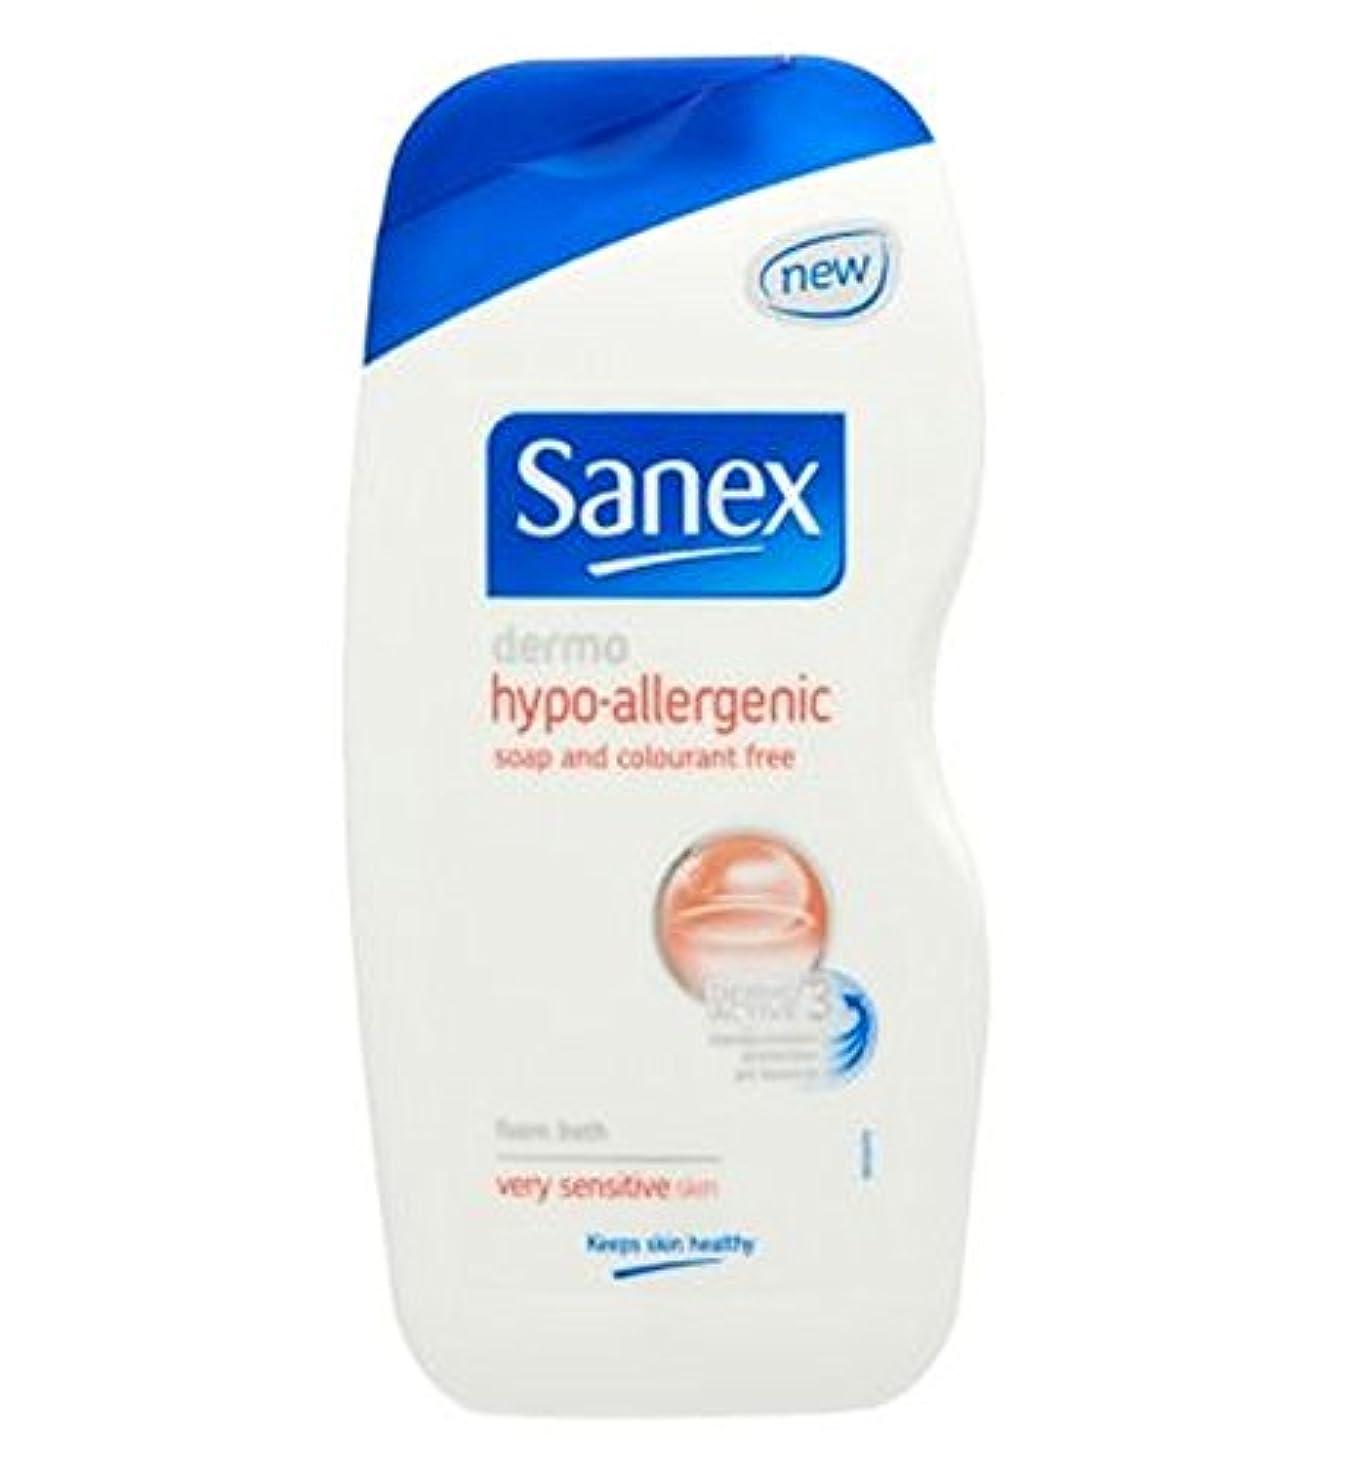 両方不測の事態またはSanex Dermo Hypo Allergenic Very Sensitive Skin Foam Bath 500ml - Sanex真皮ハイポアレルギーの非常に敏感肌の泡風呂500ミリリットル (Sanex)...